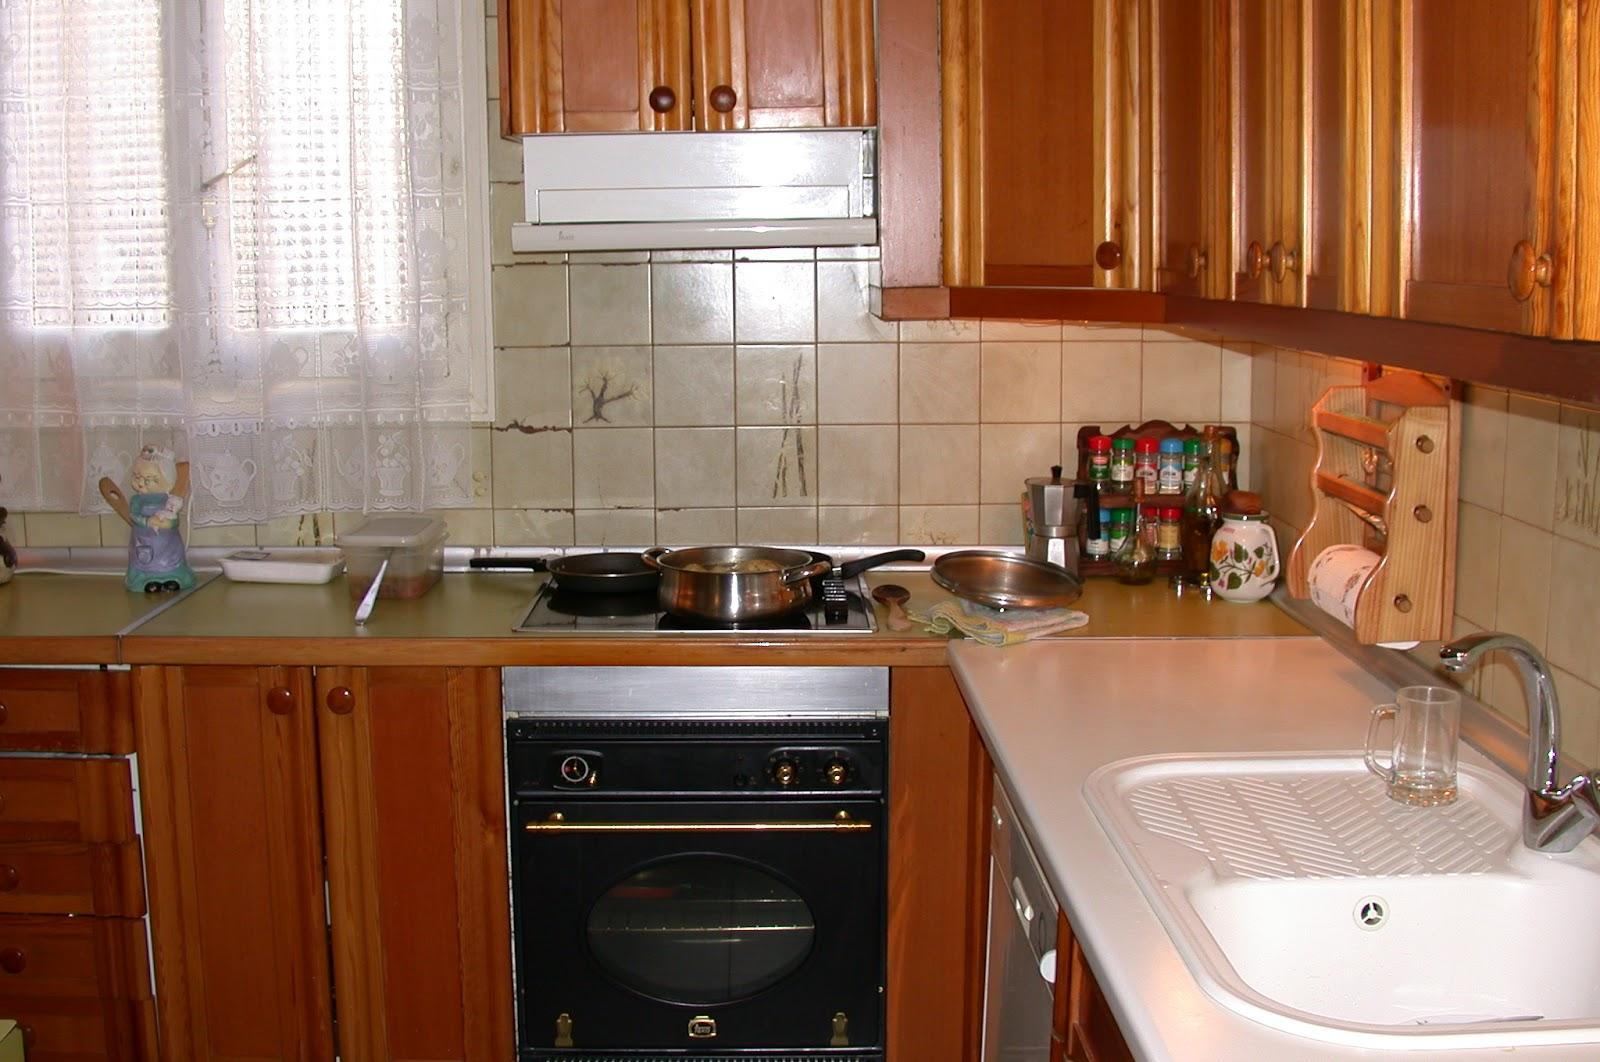 muebles de cocina pequeña fotos - Fotos de cocinas pequeñas Hogar Total